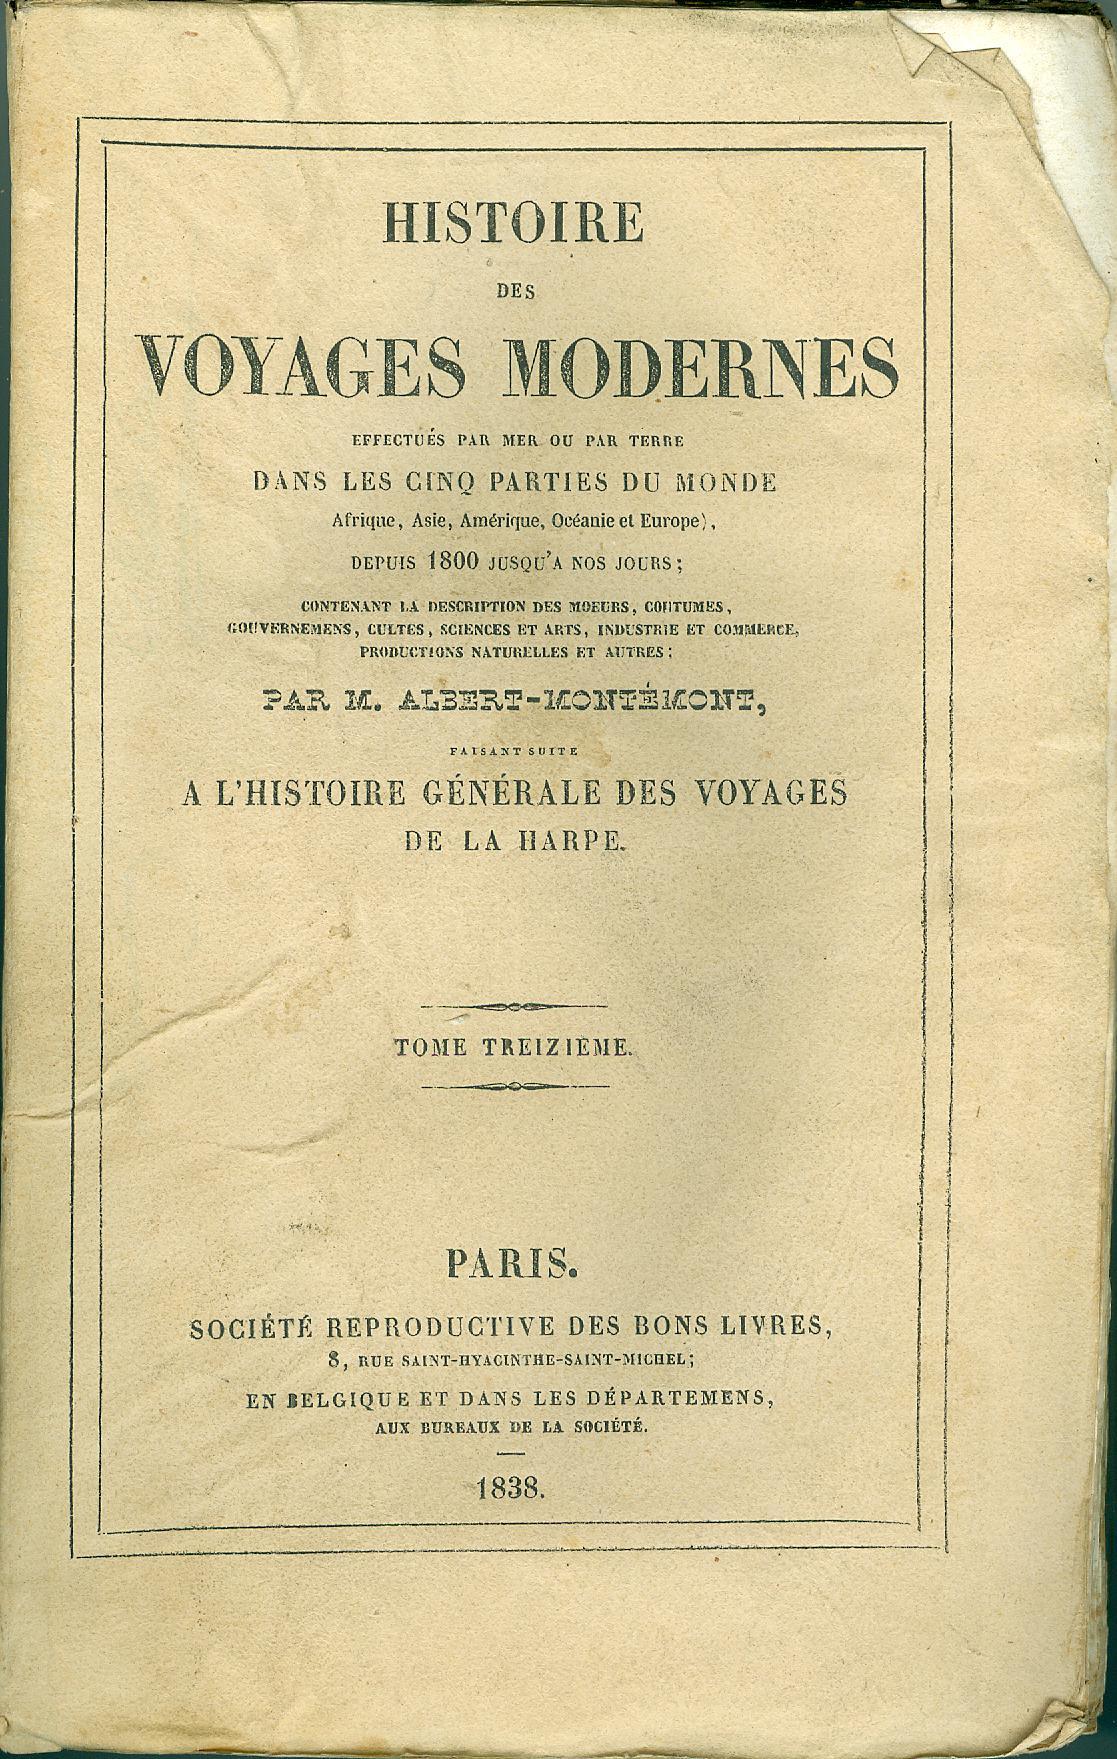 Histoire des voyages modernes effectués par mer ou par terre dans les cinq parties du monde. Depuis 1800 jusqu'à nos jours. Tome XIII